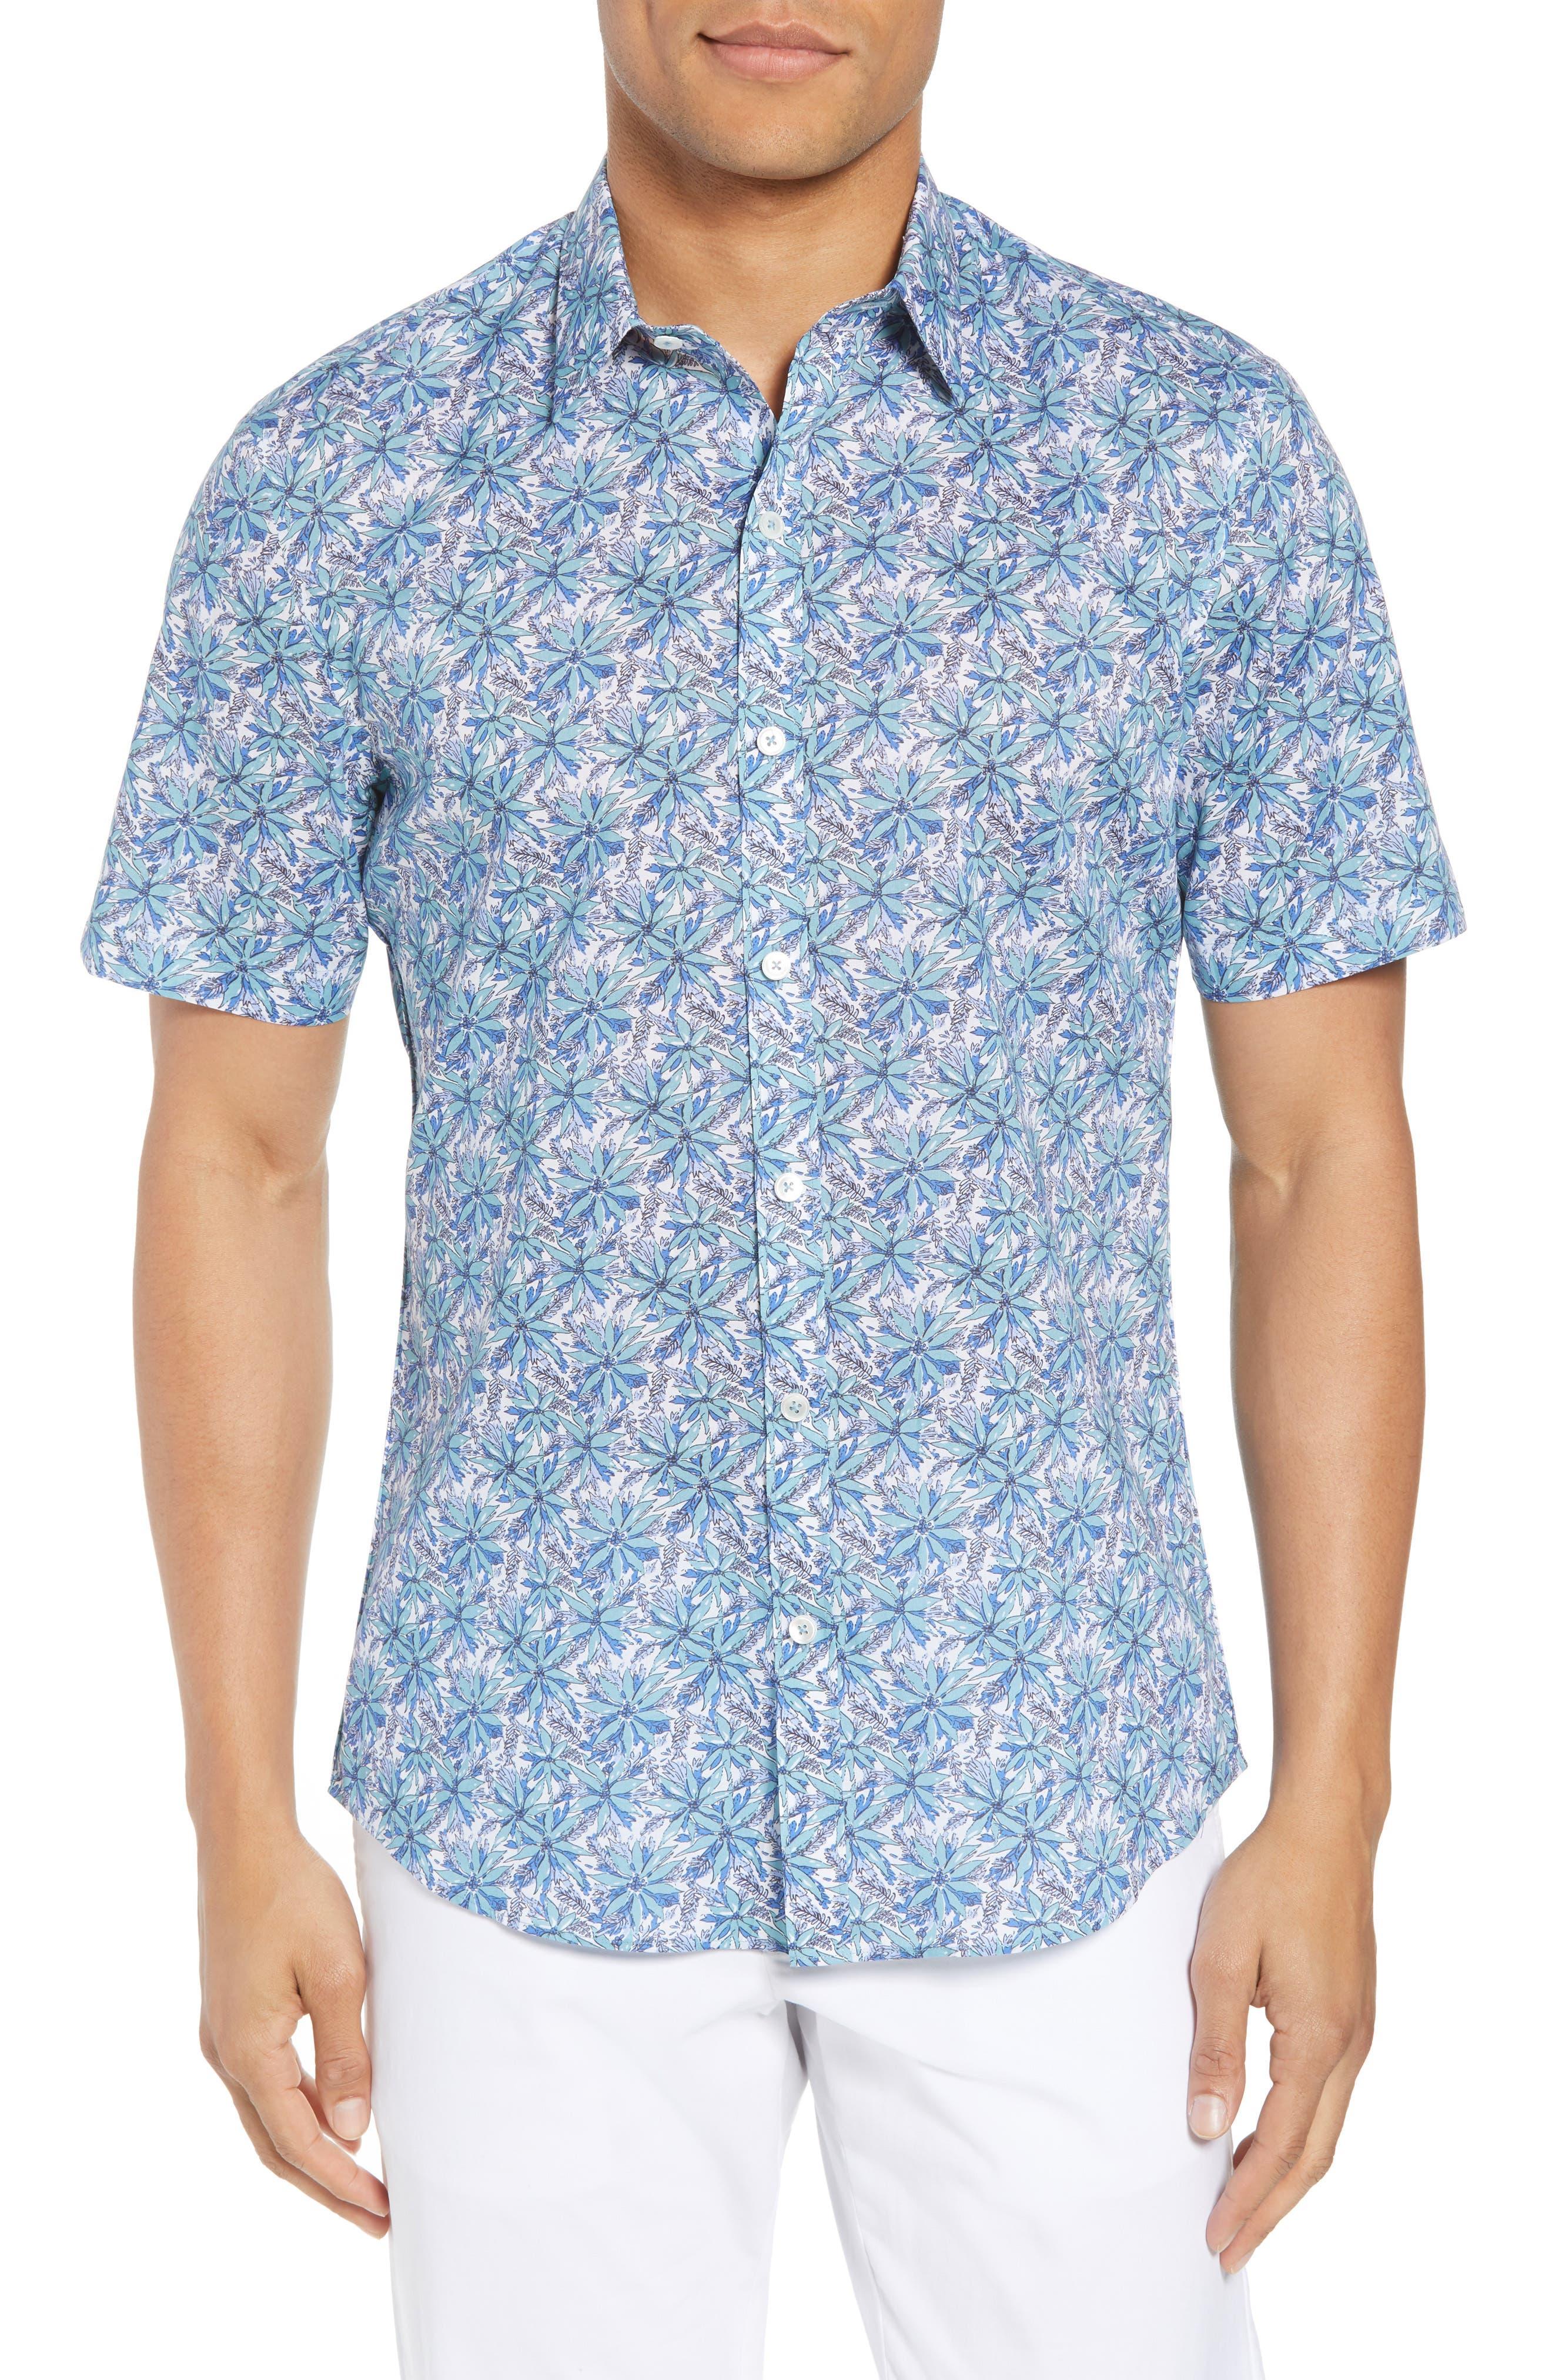 Goelzer Regular Fit Sport Shirt,                             Main thumbnail 1, color,                             AQUA